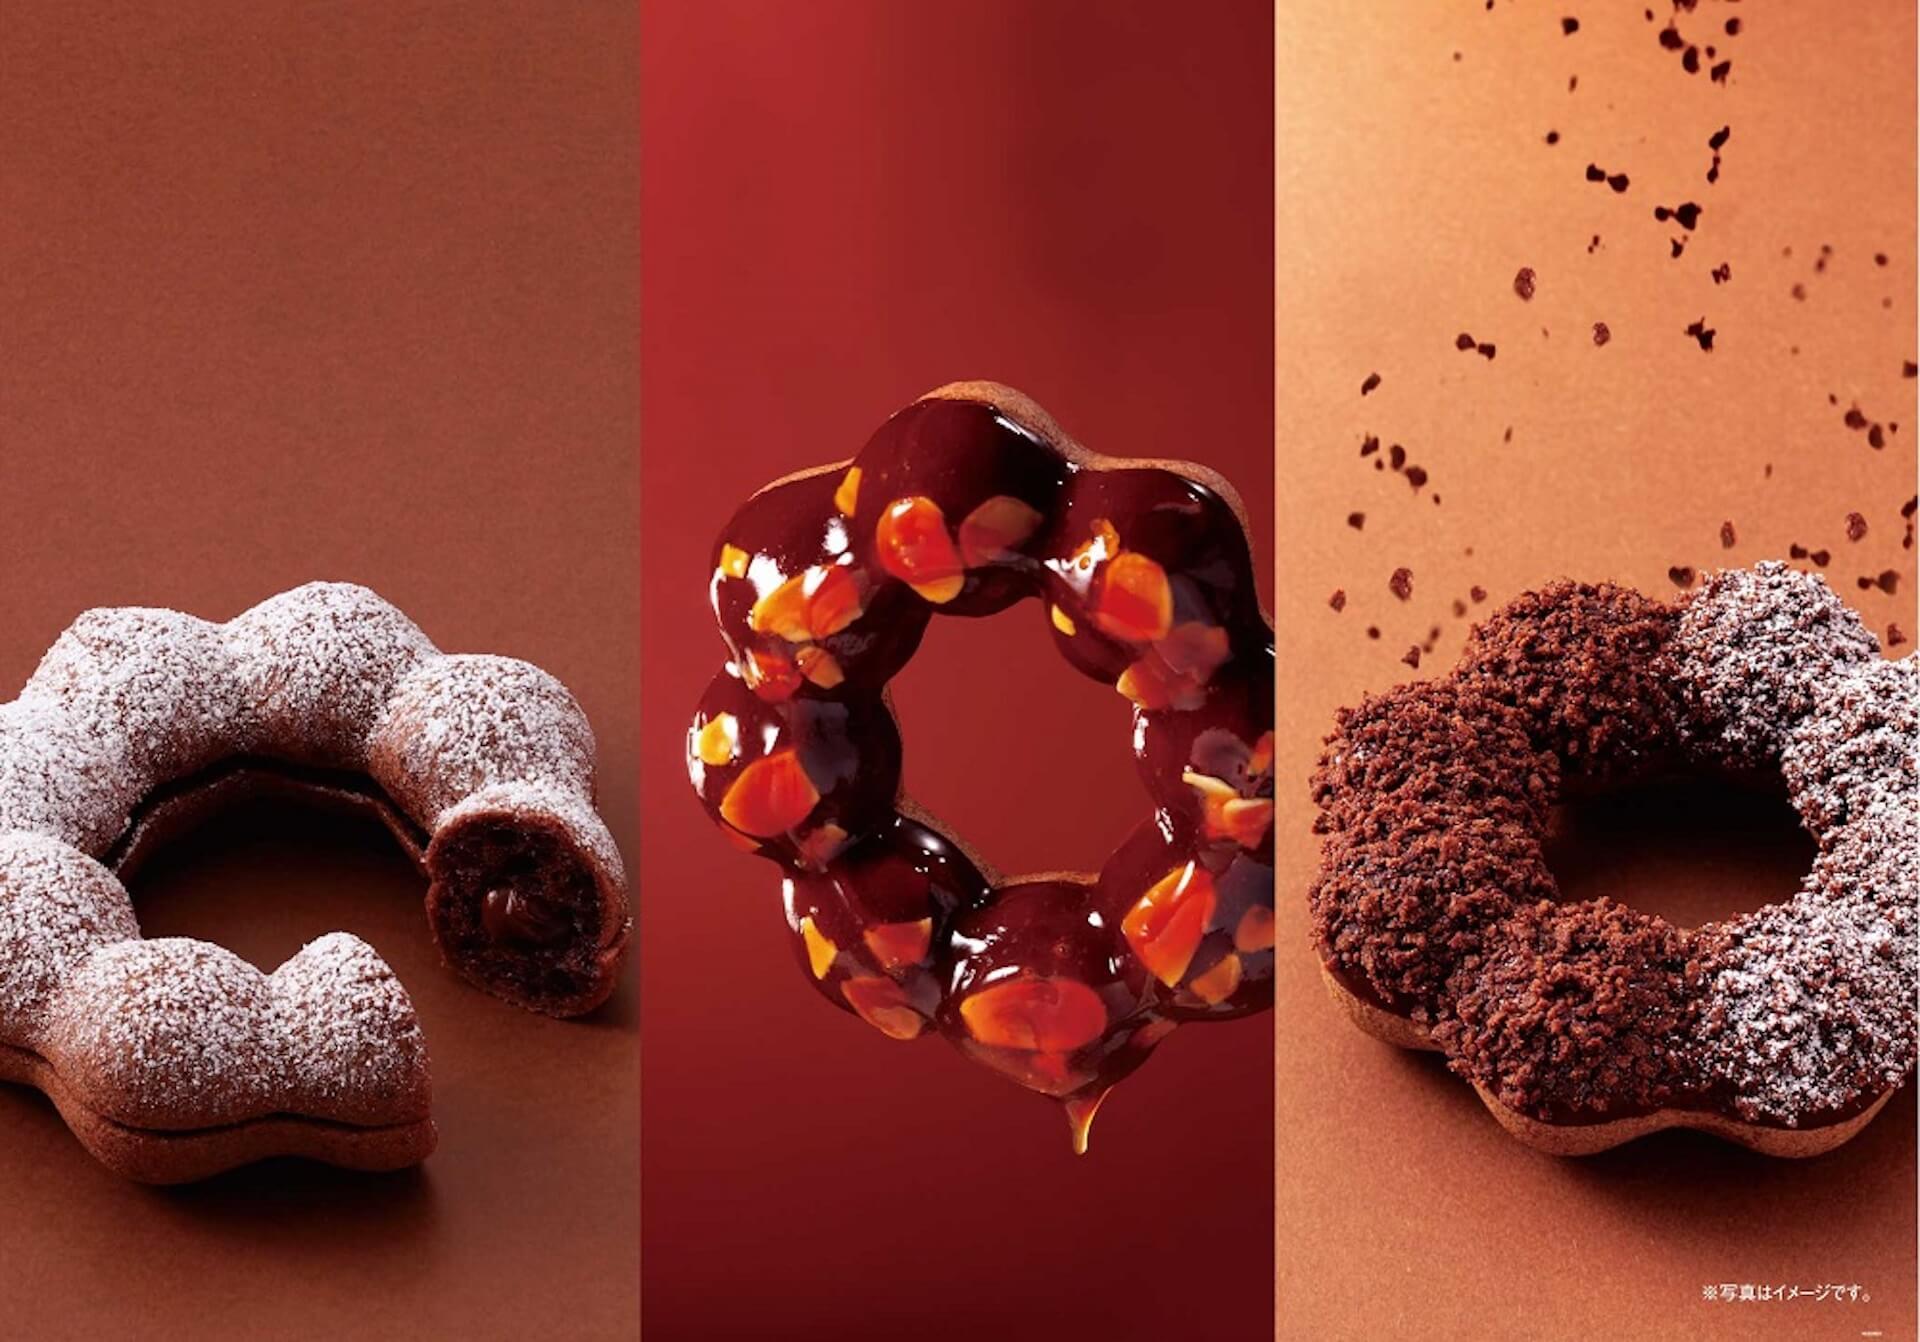 ミスタードーナツからもちもち食感の『ポン・デ・ショコラ』シリーズが今年も期間限定で登場!今年は5種類 gourmet20201028_misterdonut_1